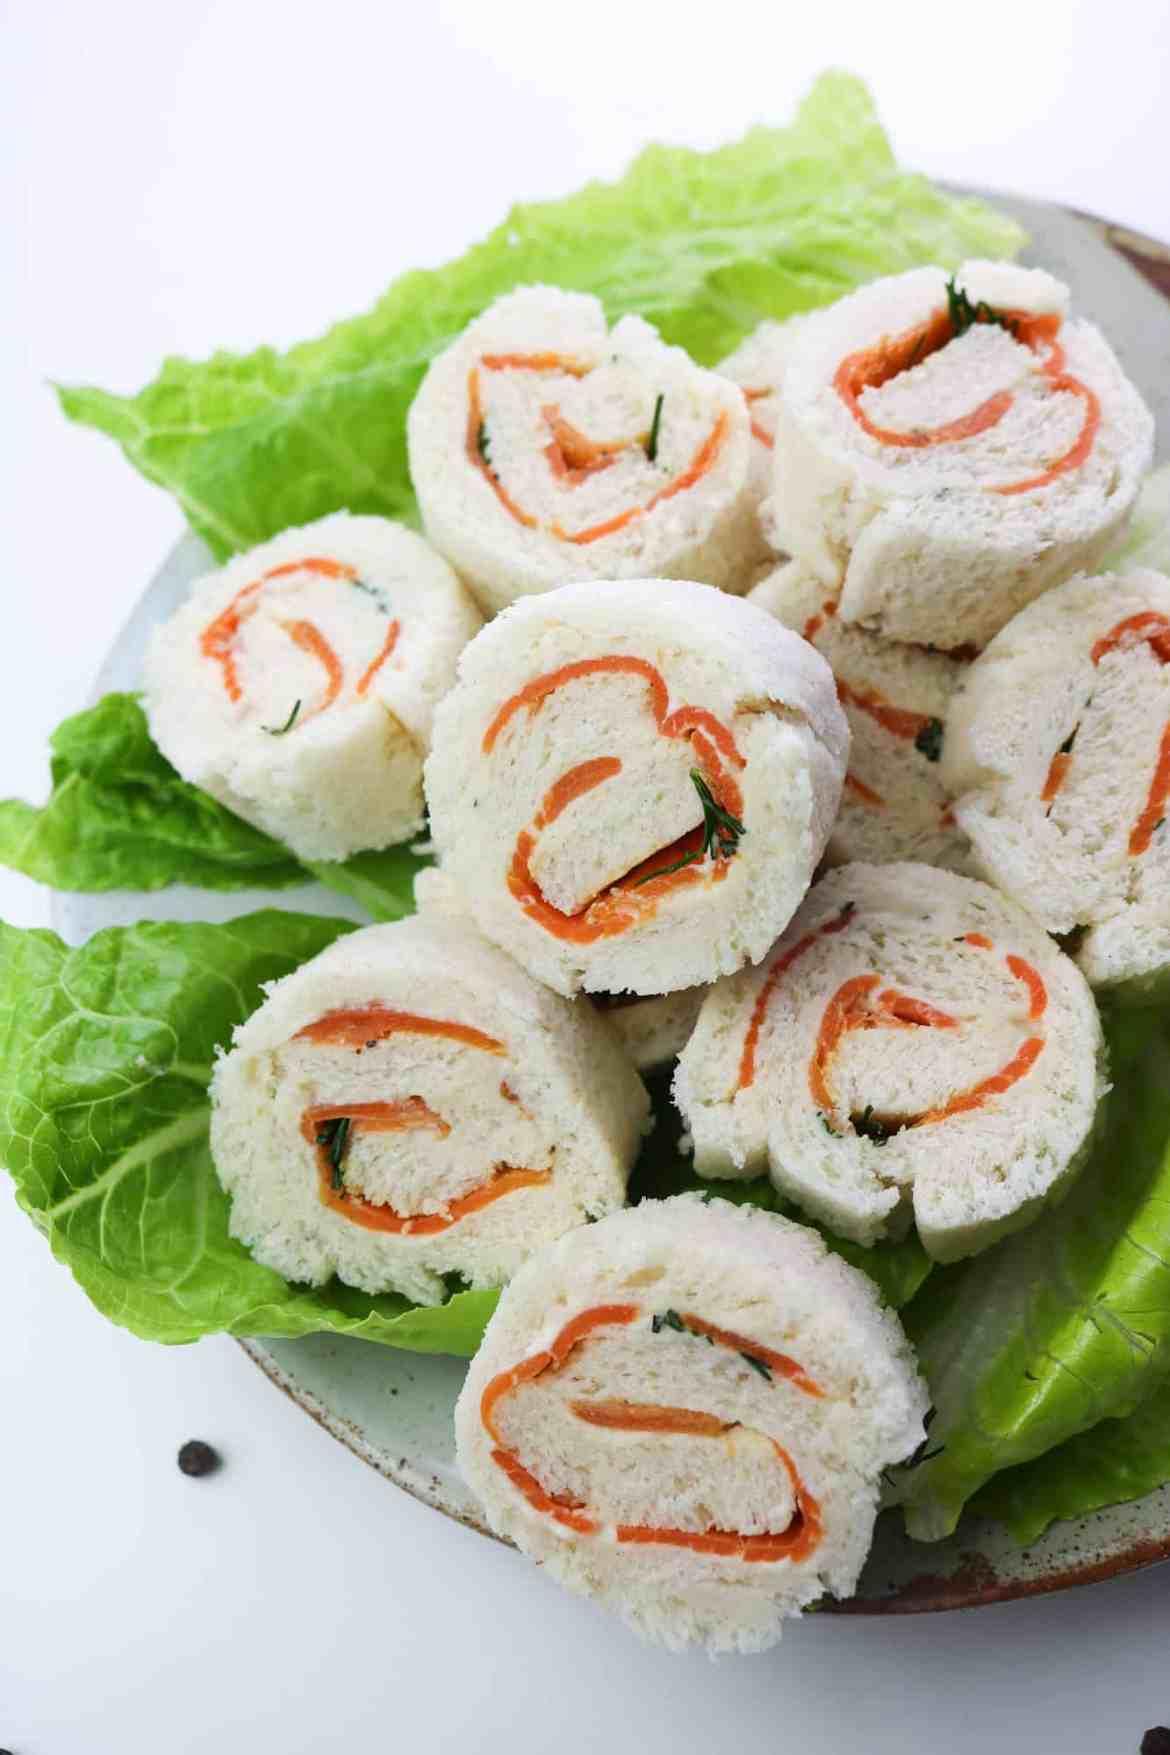 tramezzini vegan arrotolati al salmone e formaggio vegan su piatto da portata